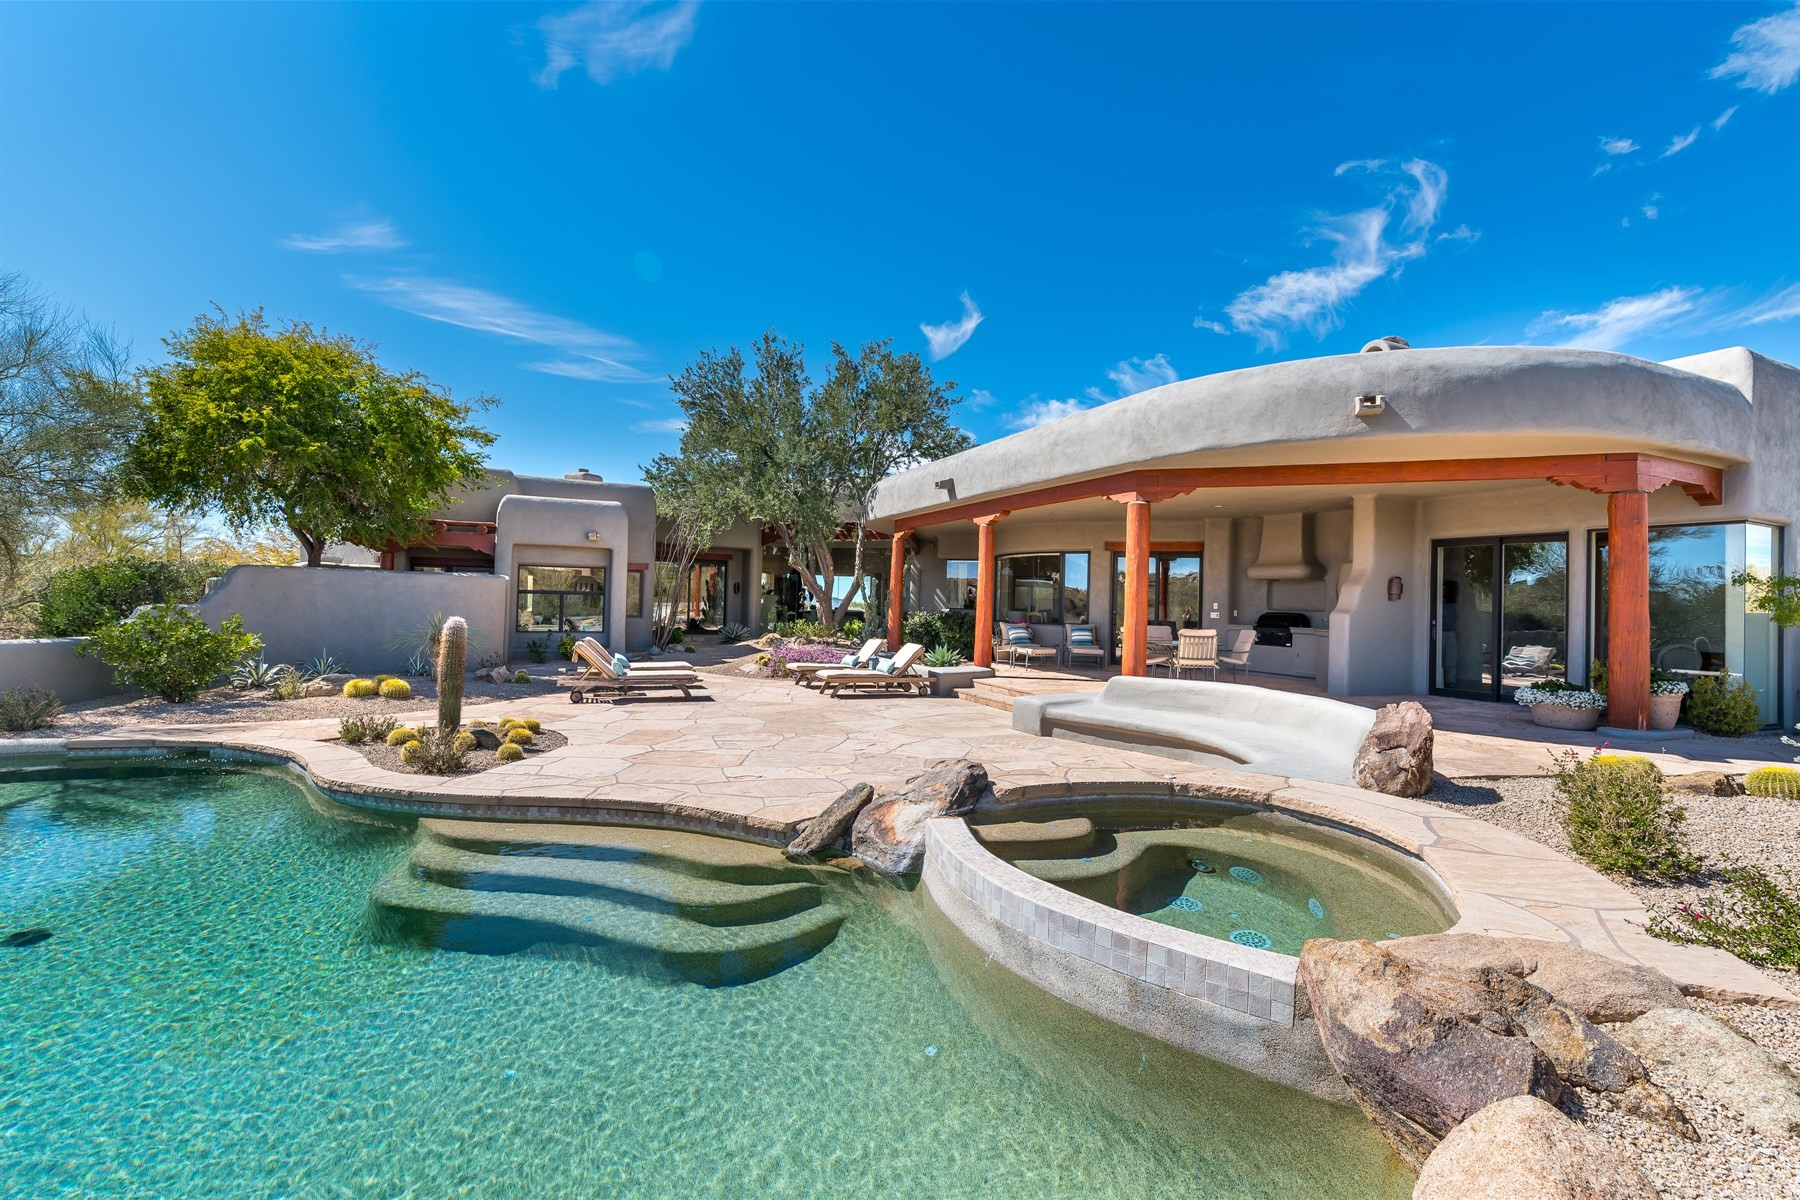 Maison unifamiliale pour l Vente à Southwest Architectural Home in Desert Mountain 10418 E Groundcherry Ln, Scottsdale, Arizona, 85262 États-Unis